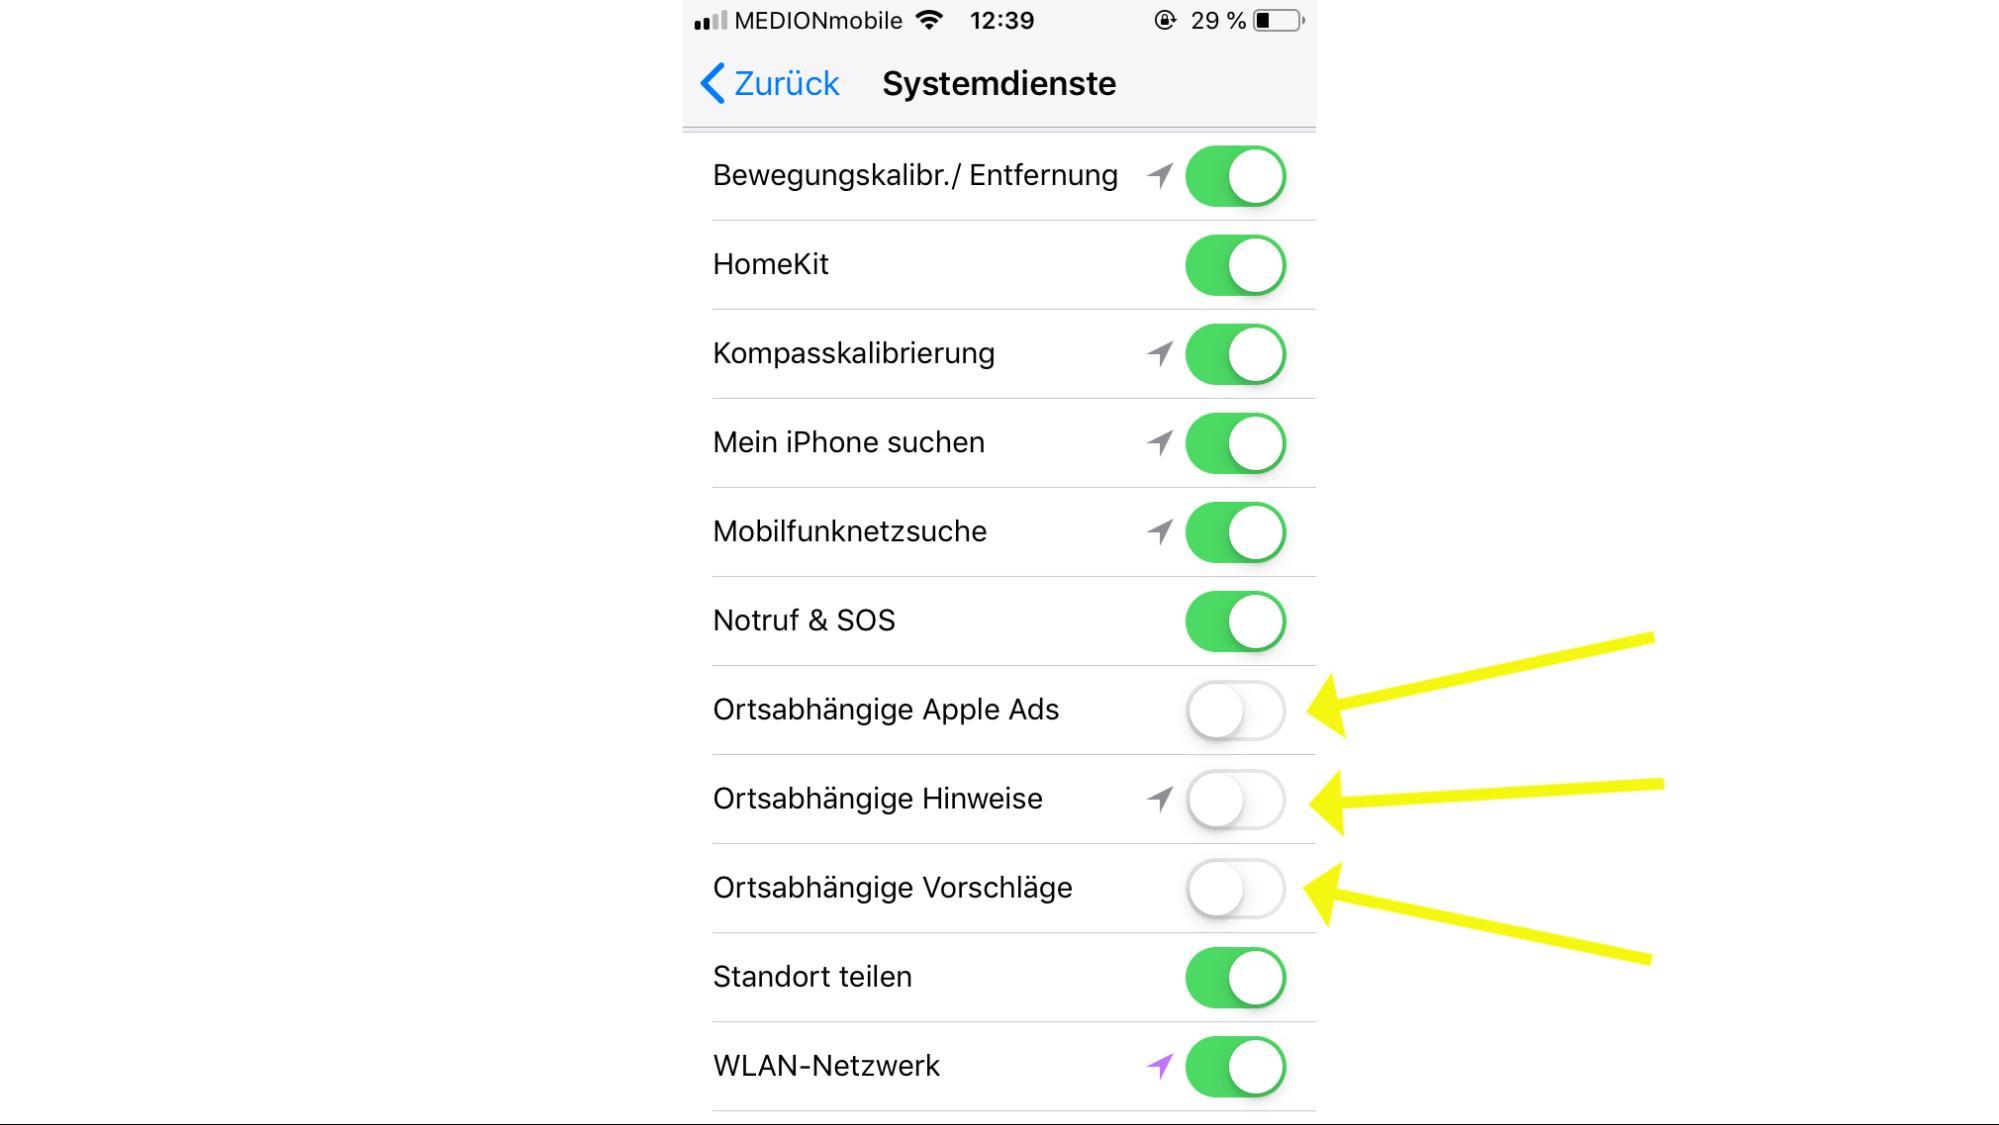 Zehn Funktionen, die jeder iPhone-Nutzer ausschalten sollte - VICE